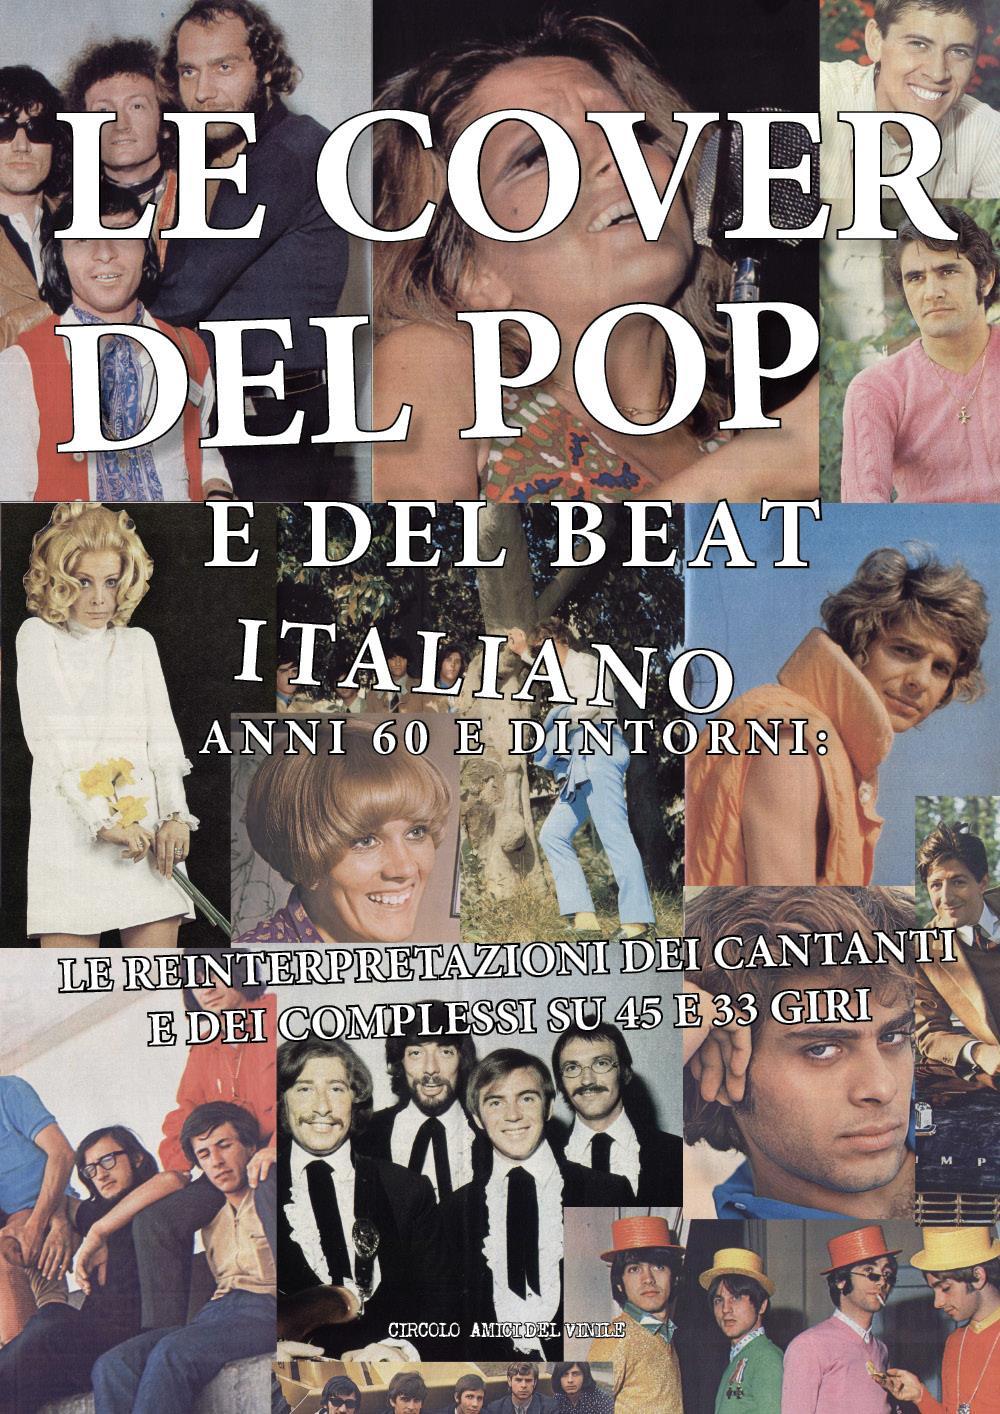 Le cover del pop e del beat italiano anni 60 e dintorni: le reinterpretazioni dei cantanti e dei complessi su 45 e 33 giri